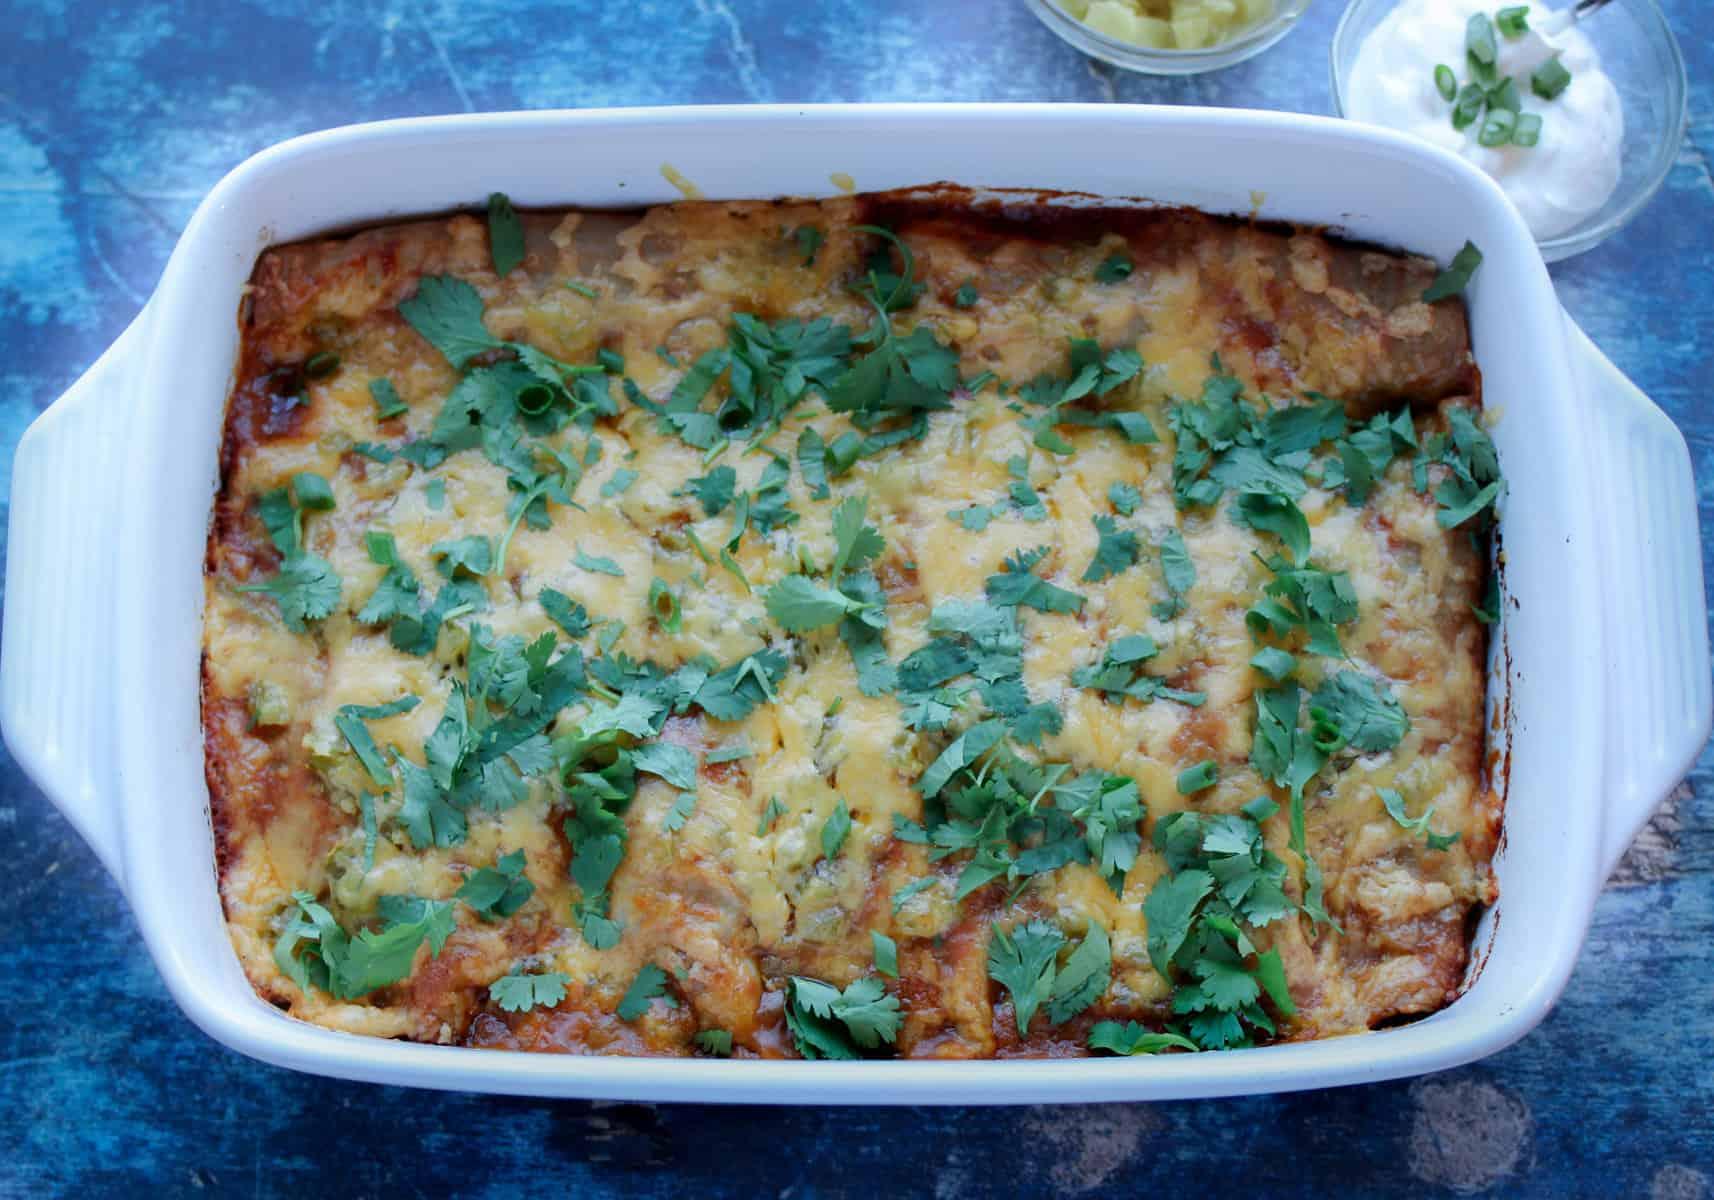 keto enchiladas, low carb enchiladas, enchiladas recipe